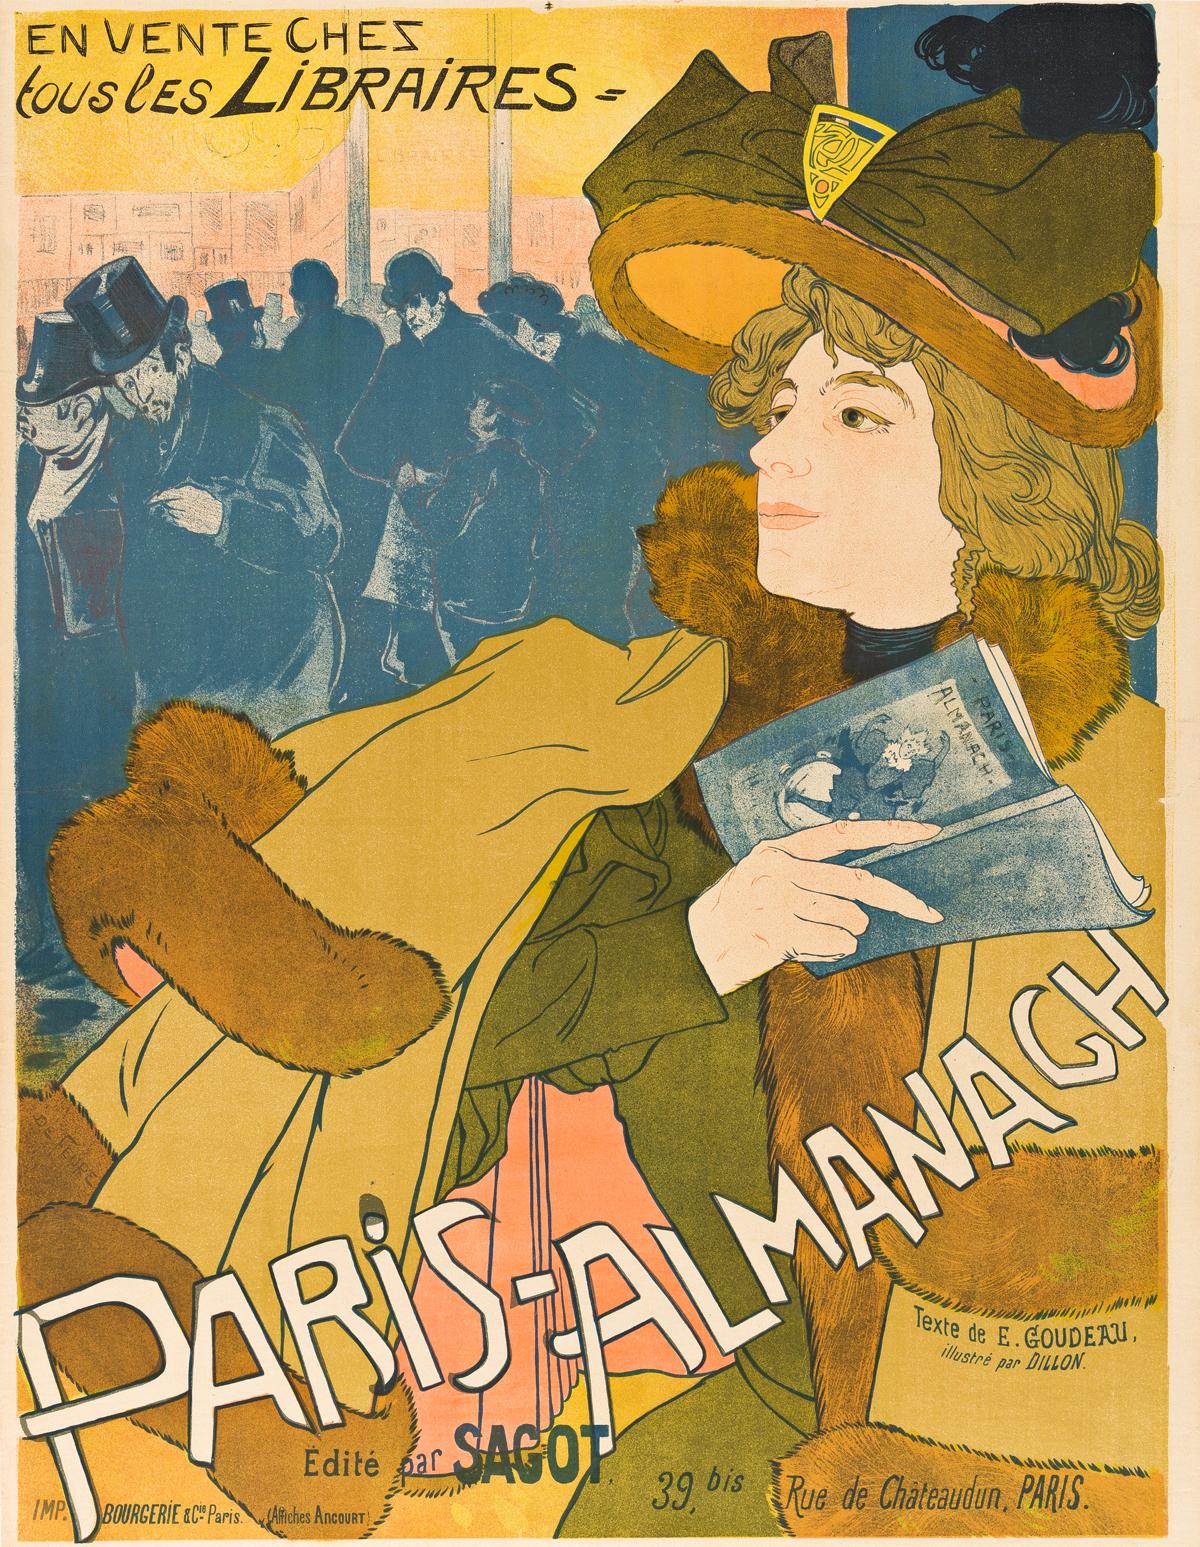 GEORGES DE FEURE (1868-1943).  PARIS - ALMANACH. 1894. 31x24 inches, 80x62 cm. Bourgerie & Cie., Paris.